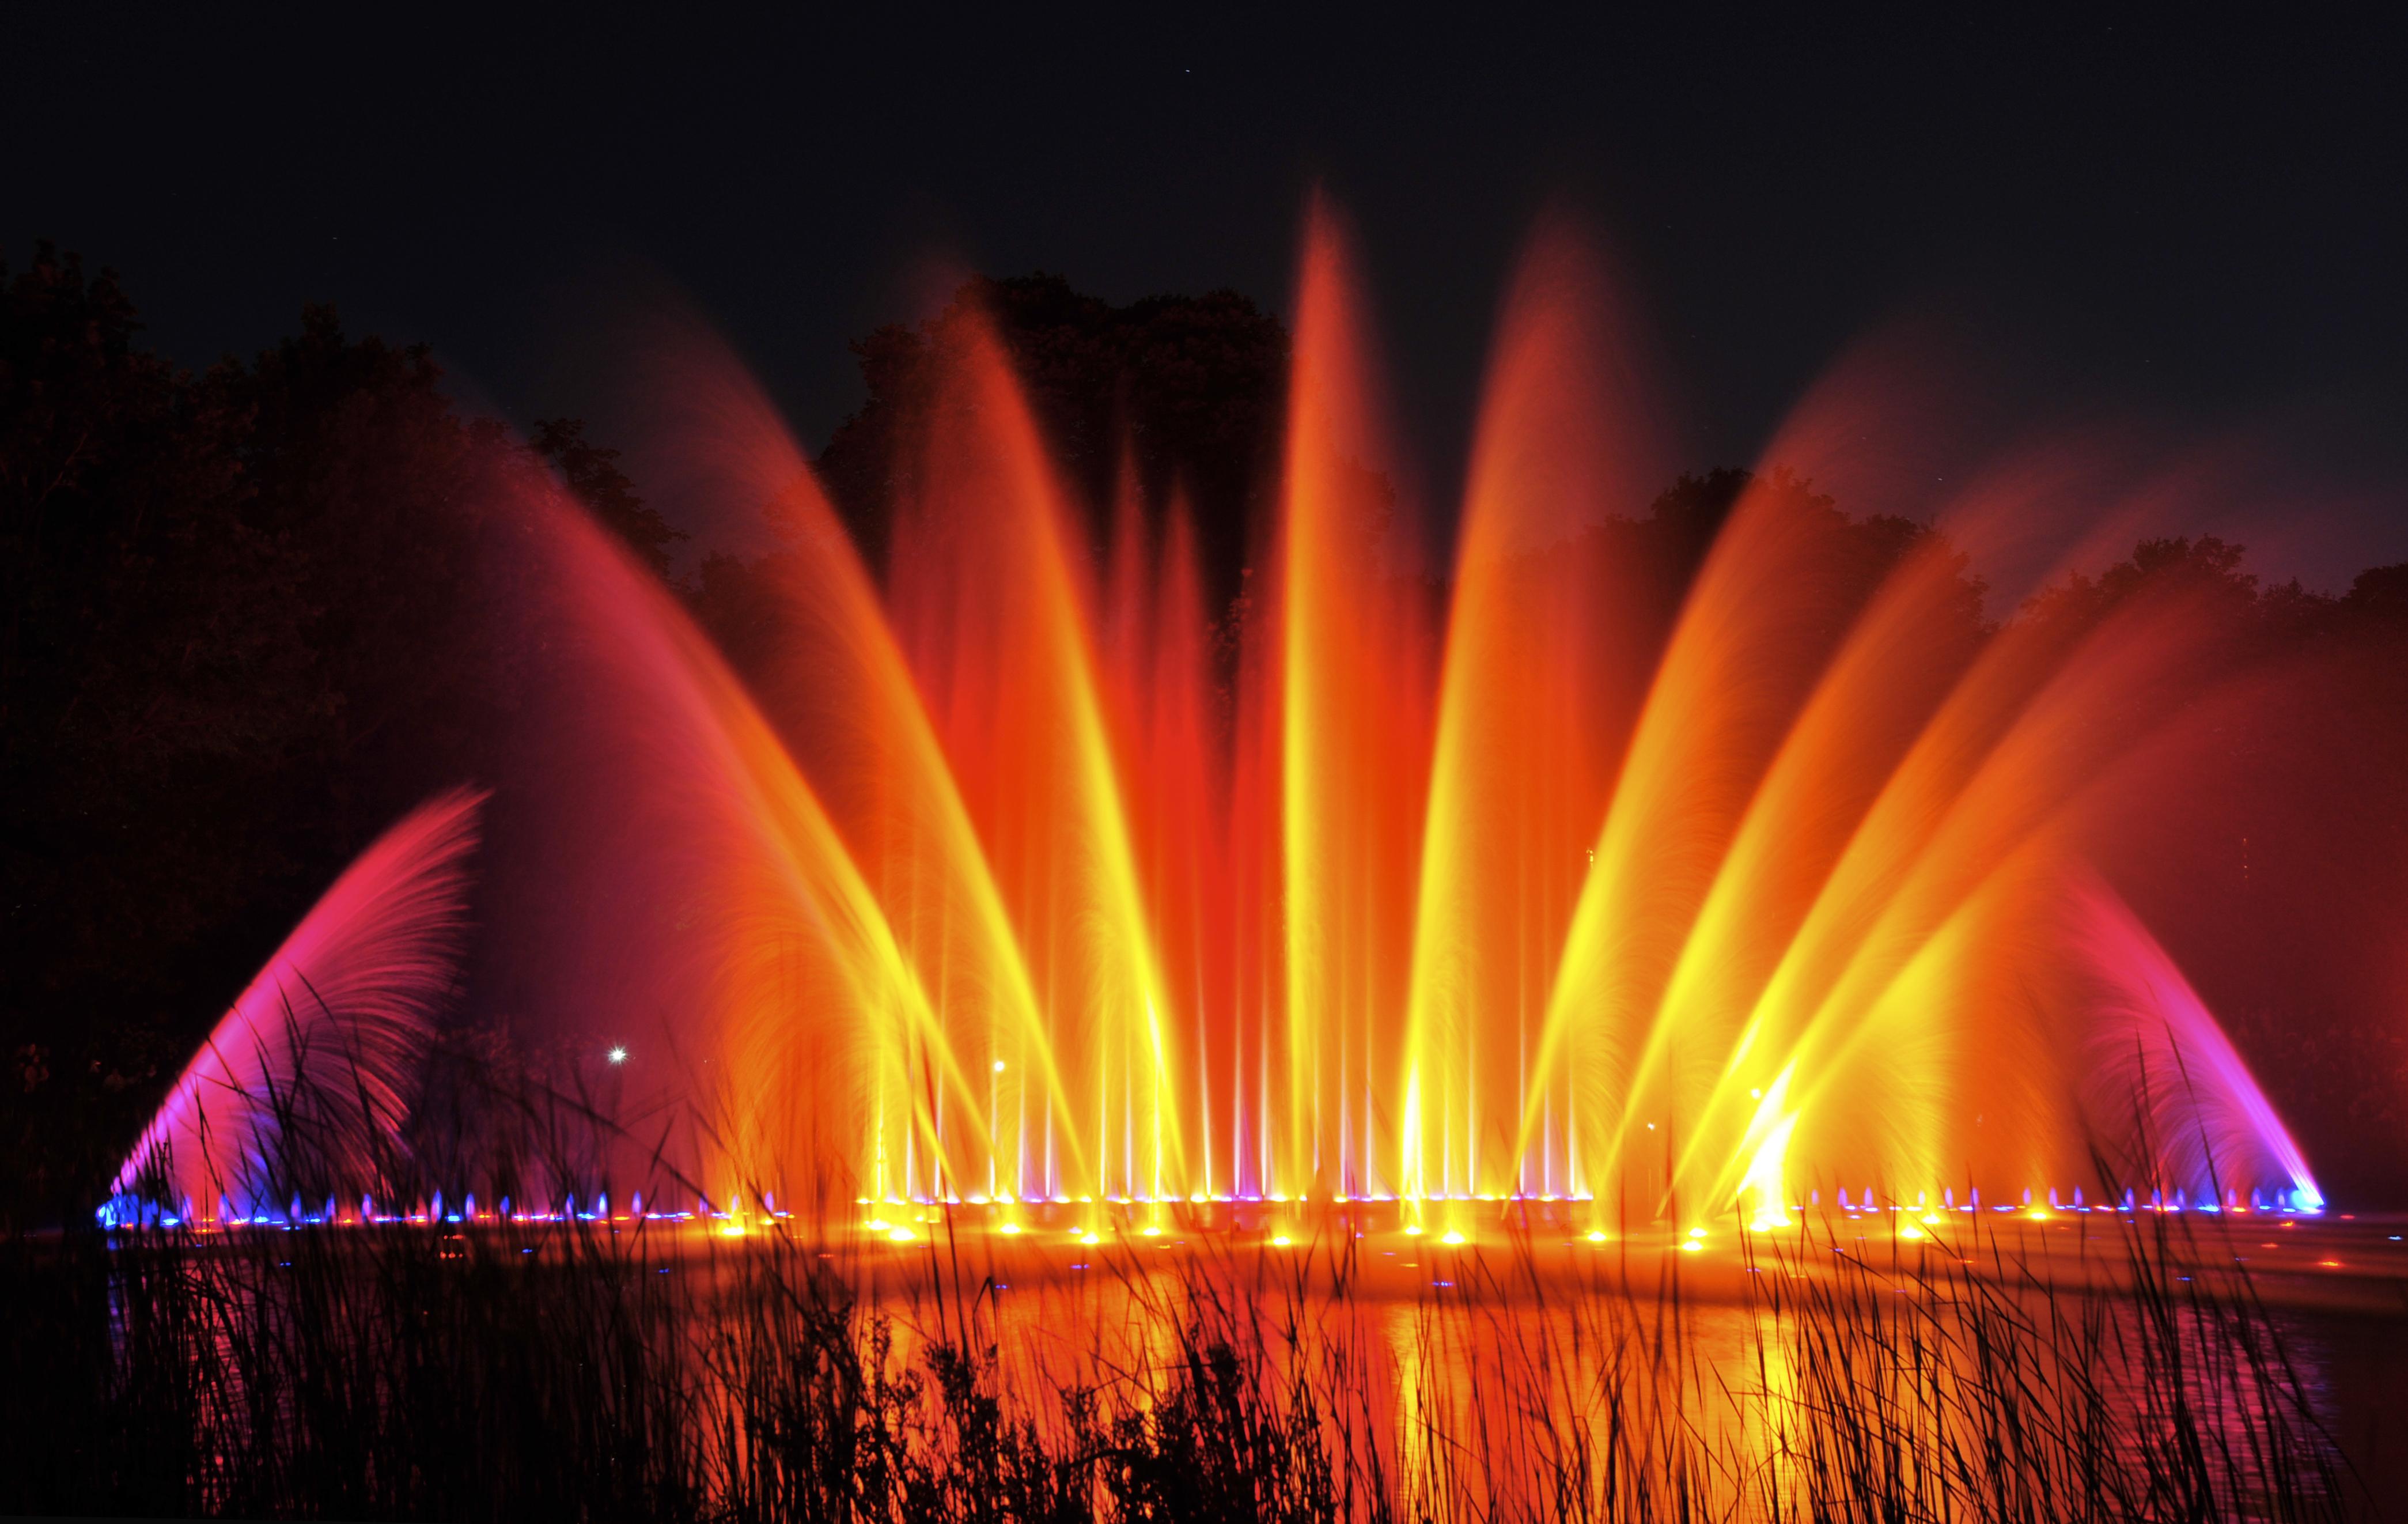 Farbexplosion beim Wasserorgelkonzert, Foto: Berndt Andresen